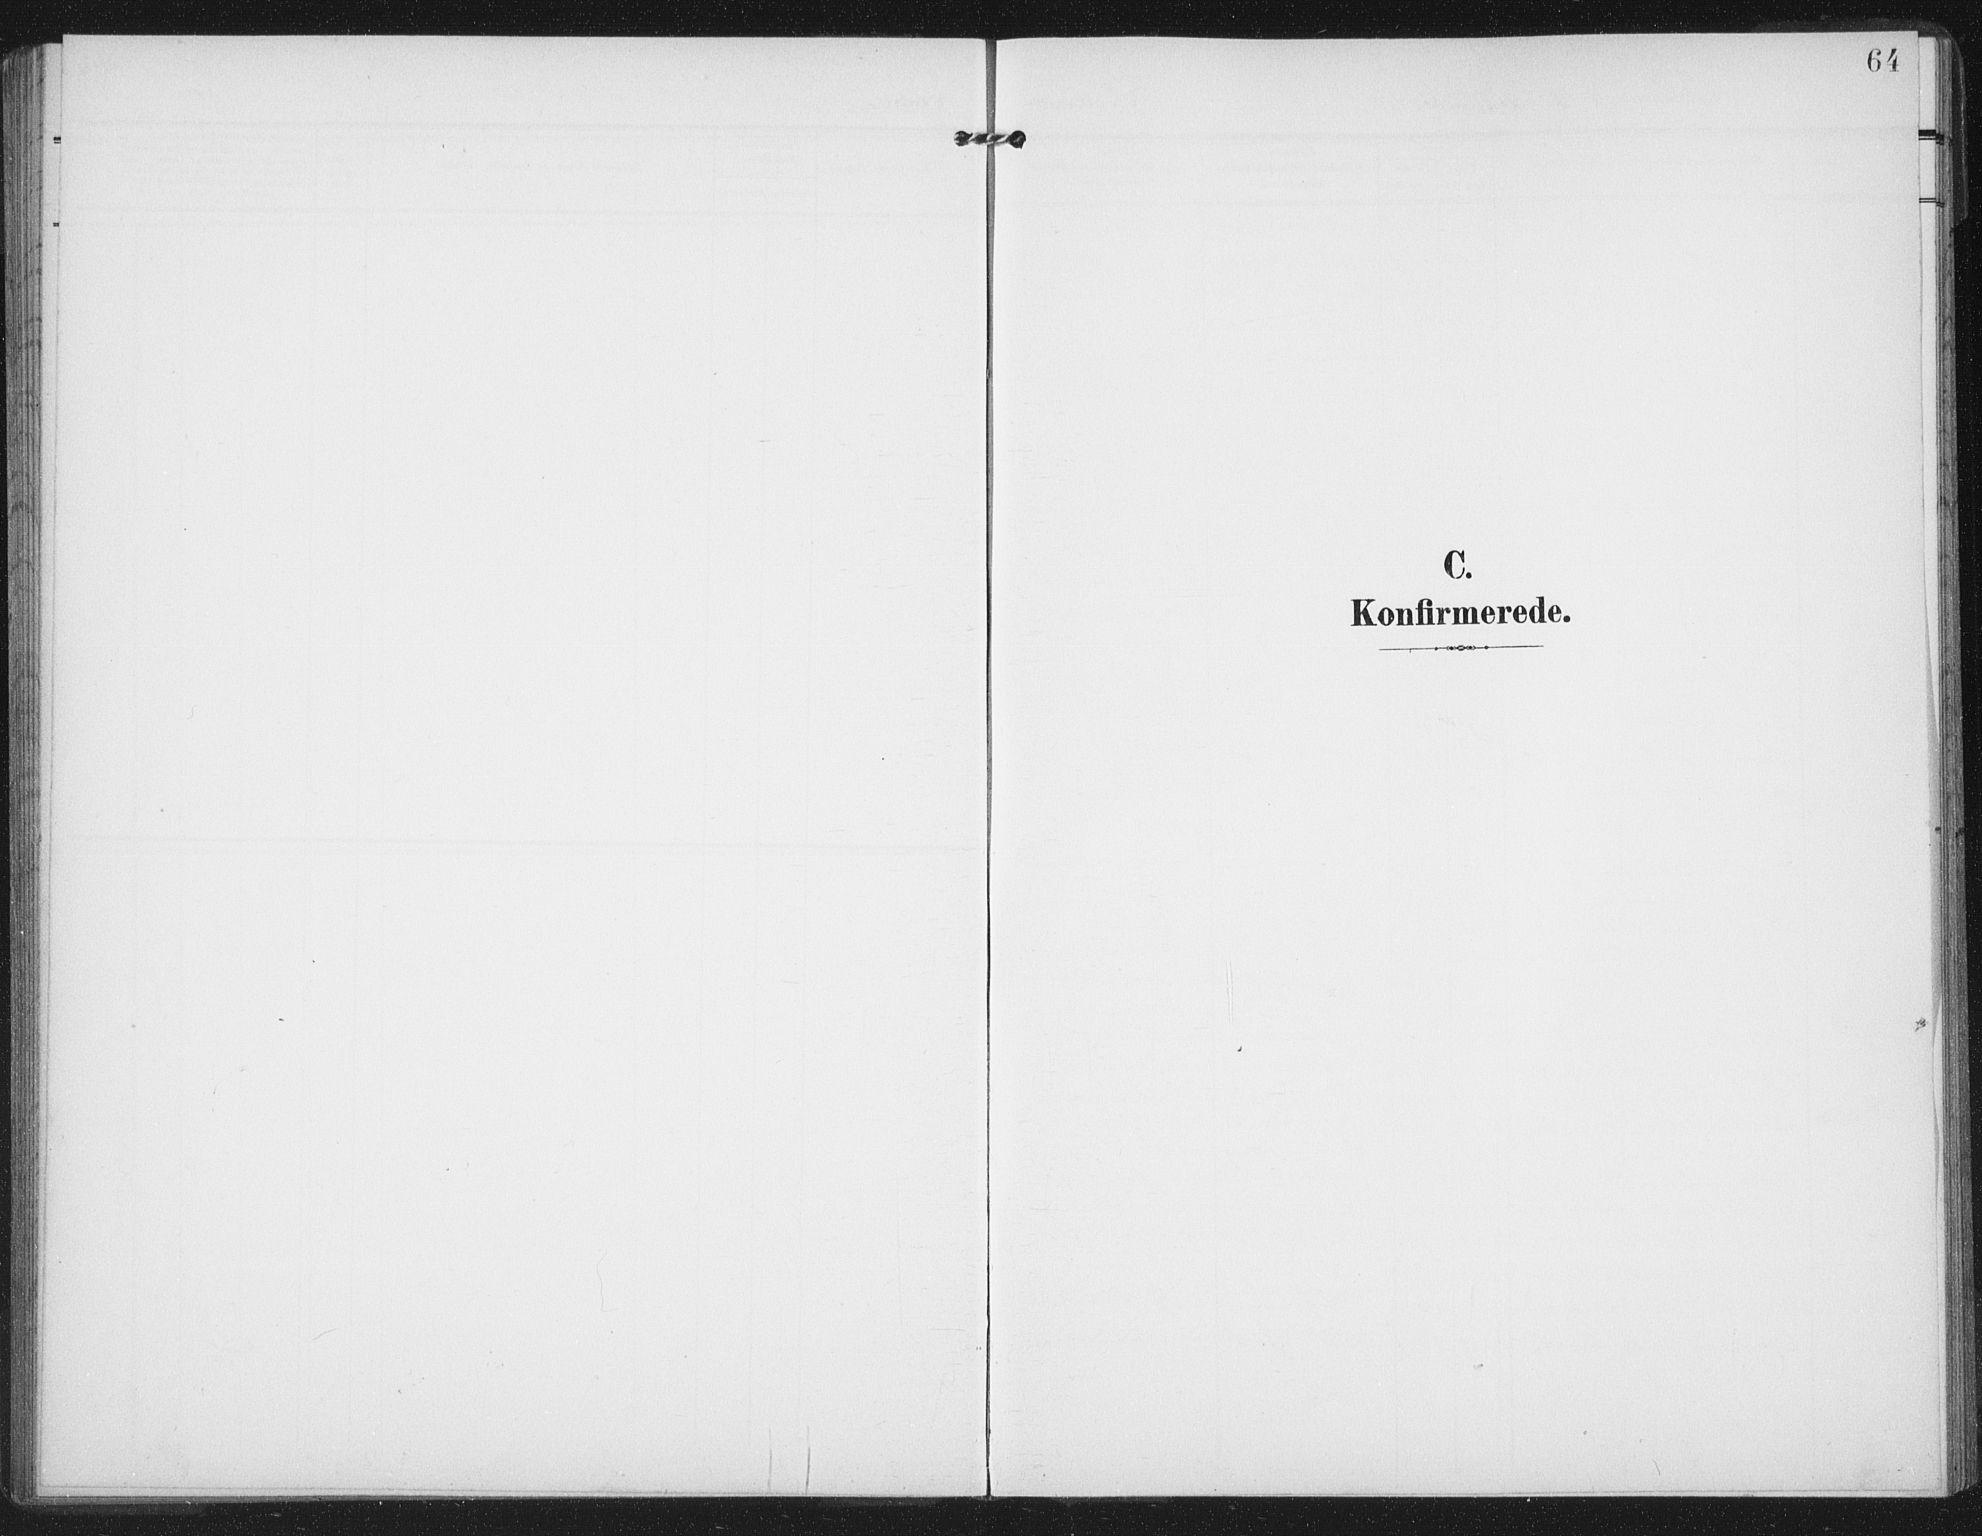 SAT, Ministerialprotokoller, klokkerbøker og fødselsregistre - Nord-Trøndelag, 747/L0460: Klokkerbok nr. 747C02, 1908-1939, s. 64